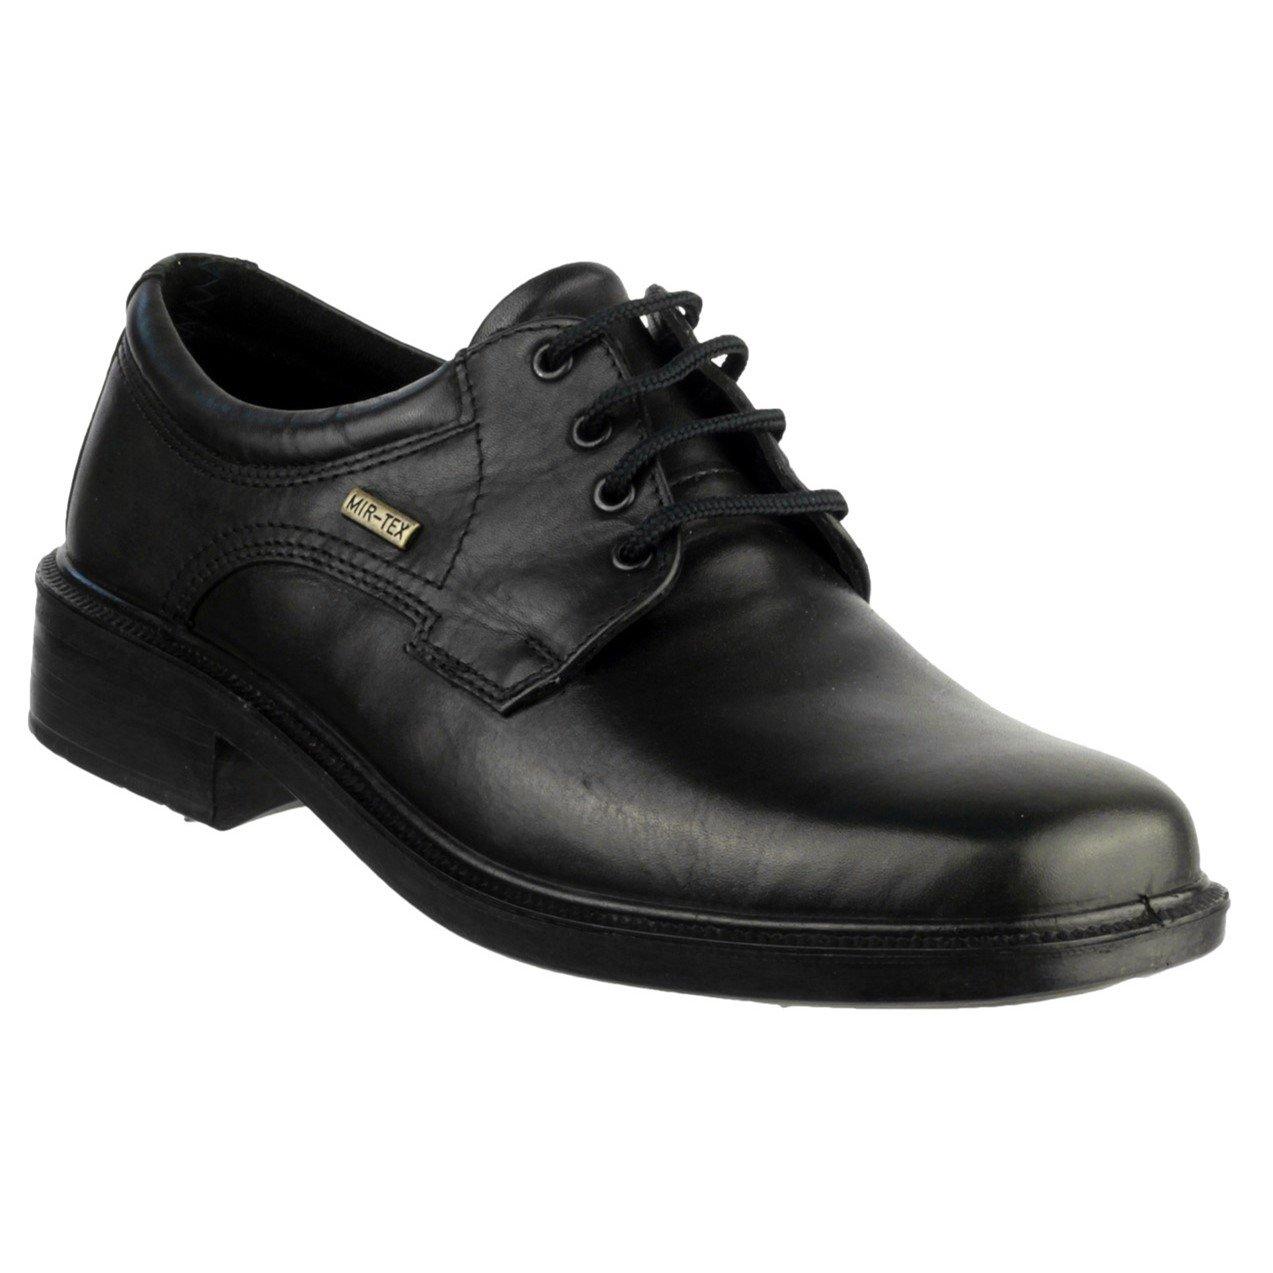 Cotswold Men's Sudeley Waterproof Shoe Various Colours 32970 - Black 9